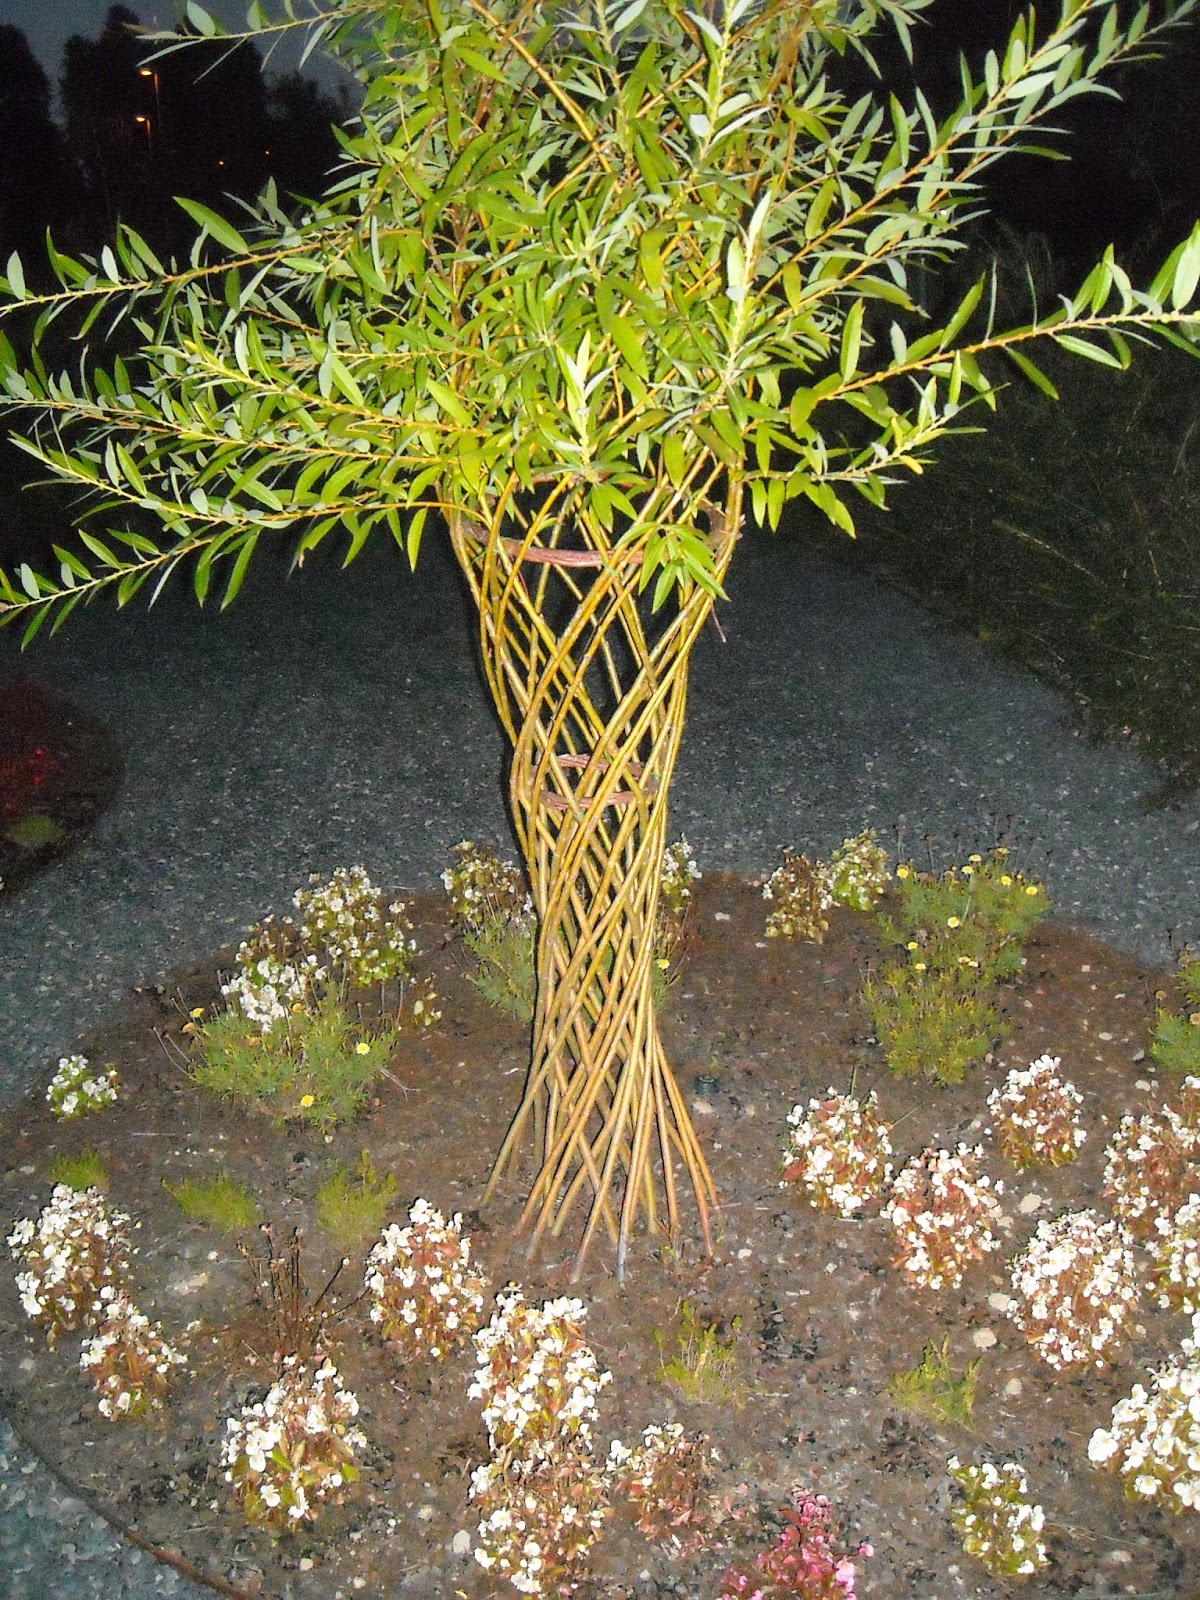 Carli os cesteiro cesteria viva vallados arbolitos etc - Arbolitos para jardin ...